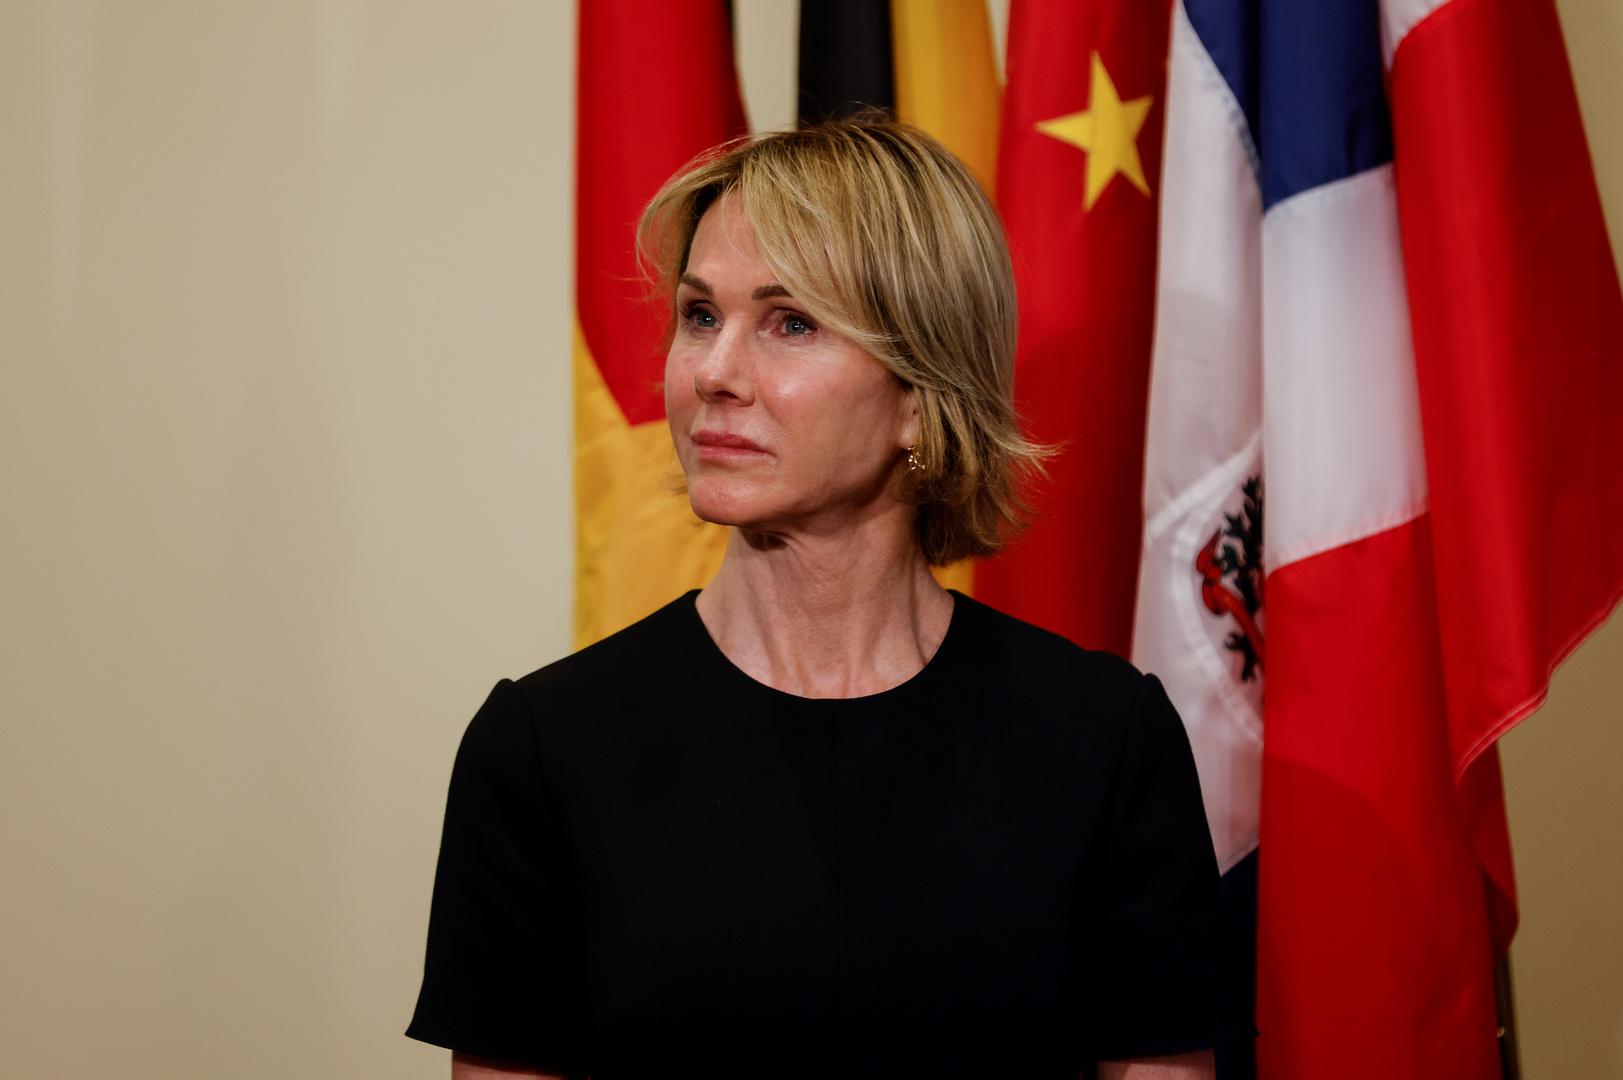 إلغاء زيارة دبلوماسية أمريكية رفيعة إلى تايوان